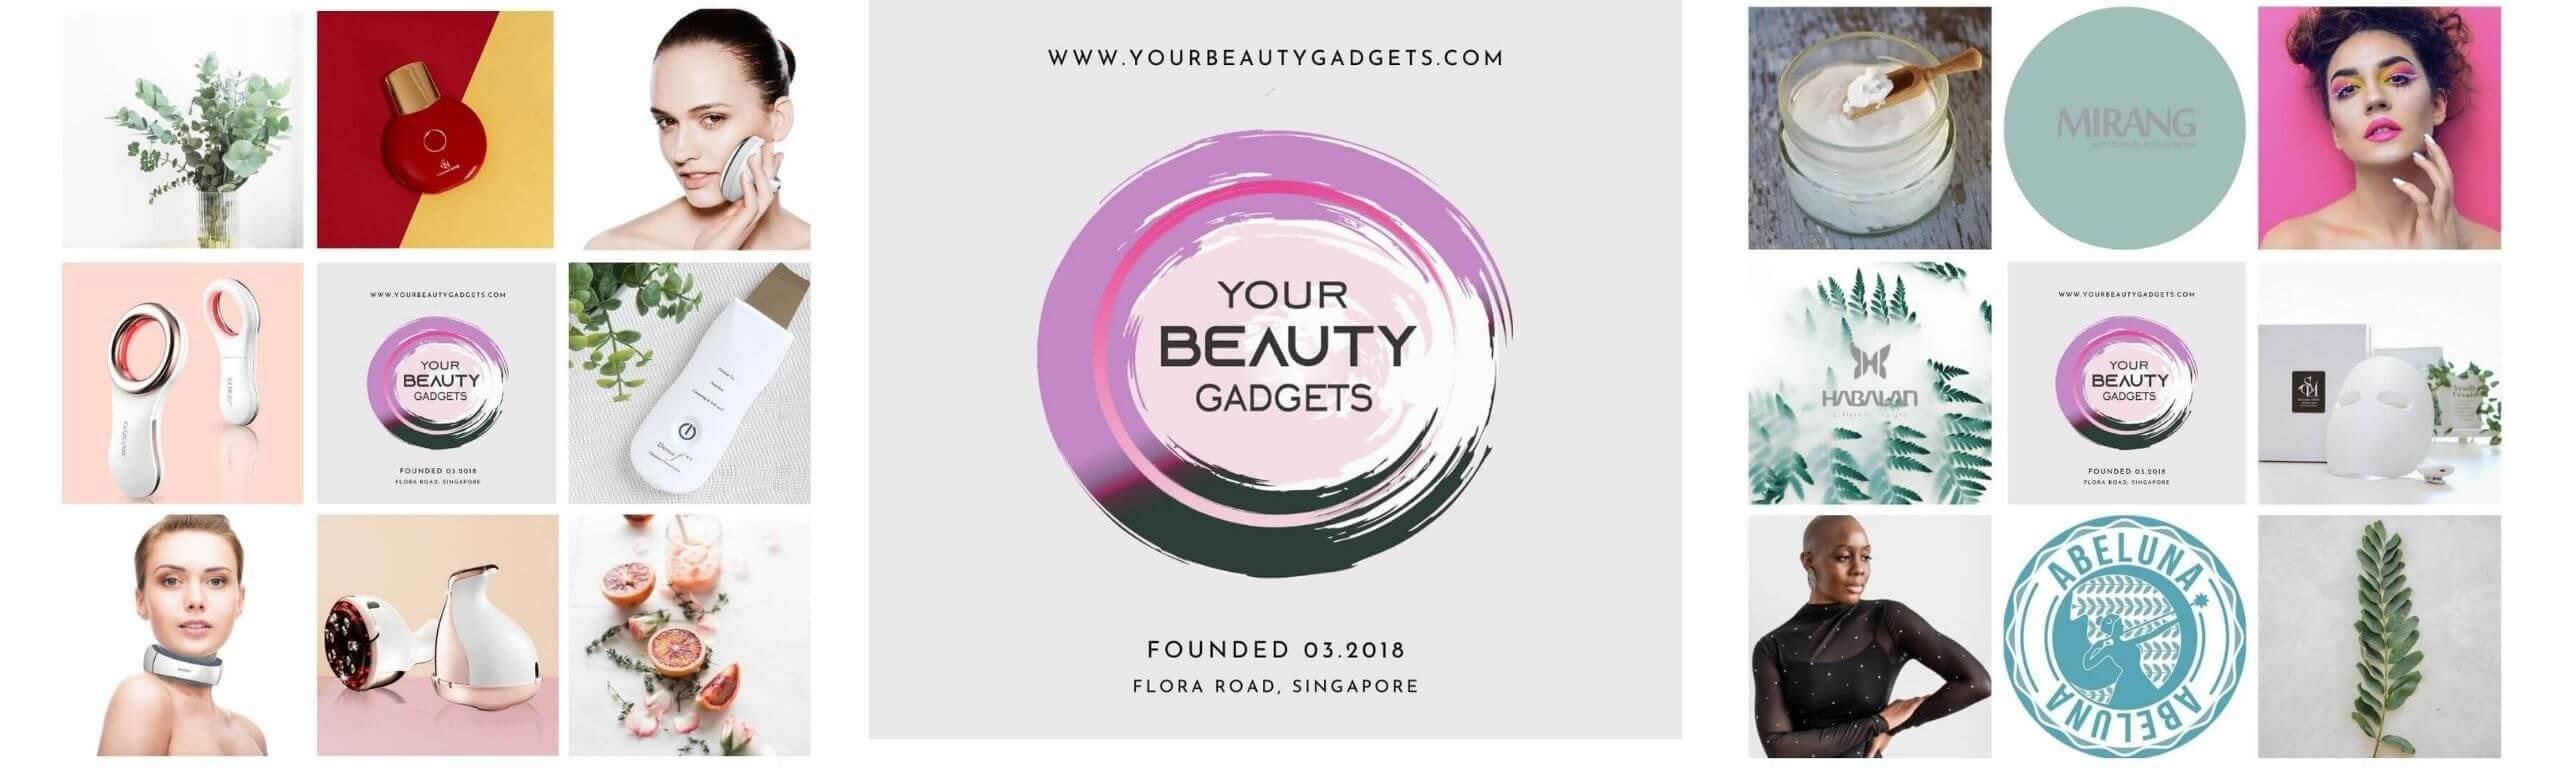 Shop Your Beauty Gadgets00